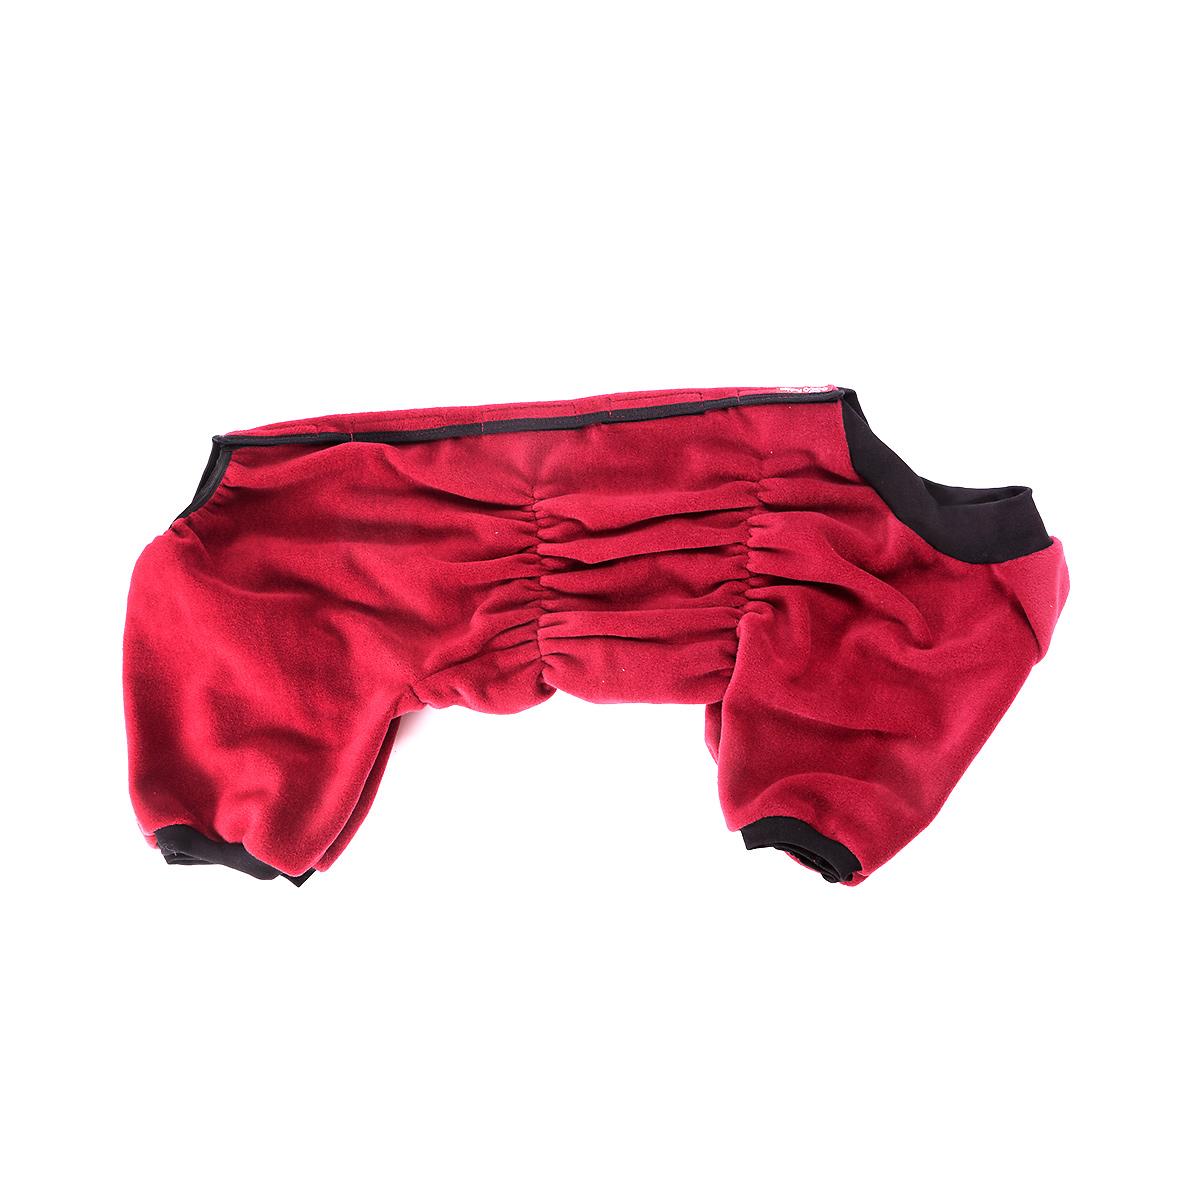 Комбинезон для собак Osso Fashion, для девочки, цвет: бордовый. Размер 35Кф-1009Теплый, приятный на ощупь, эргономичный флисовый комбинезон на липучках. Комфортная посадка по корпусу достигается за счет резинок-утяжек под грудью и животом. На воротнике имеются завязки, для дополнительной фиксации Можно носить самостоятельно и как поддевку под комбинезон для собак на грязь.Отлично стирается, быстро сохнет.Одежда для собак: нужна ли она и как её выбрать. Статья OZON Гид